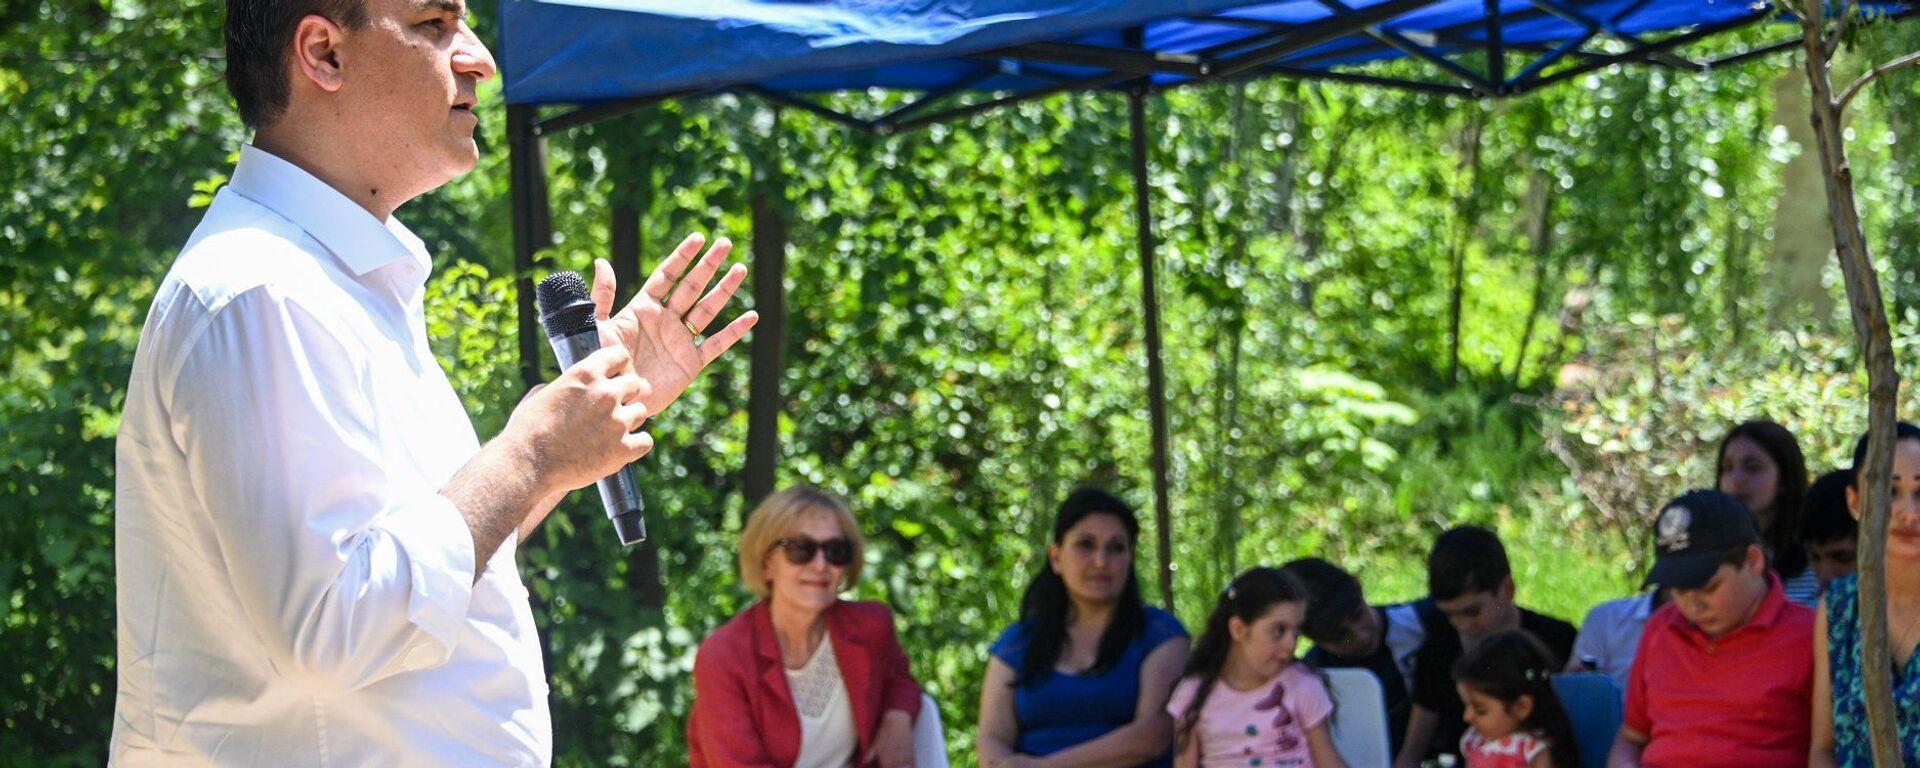 Омбудсмен Арман Татоян на праздновании Международного дня защиты детей - Sputnik Արմենիա, 1920, 14.06.2021